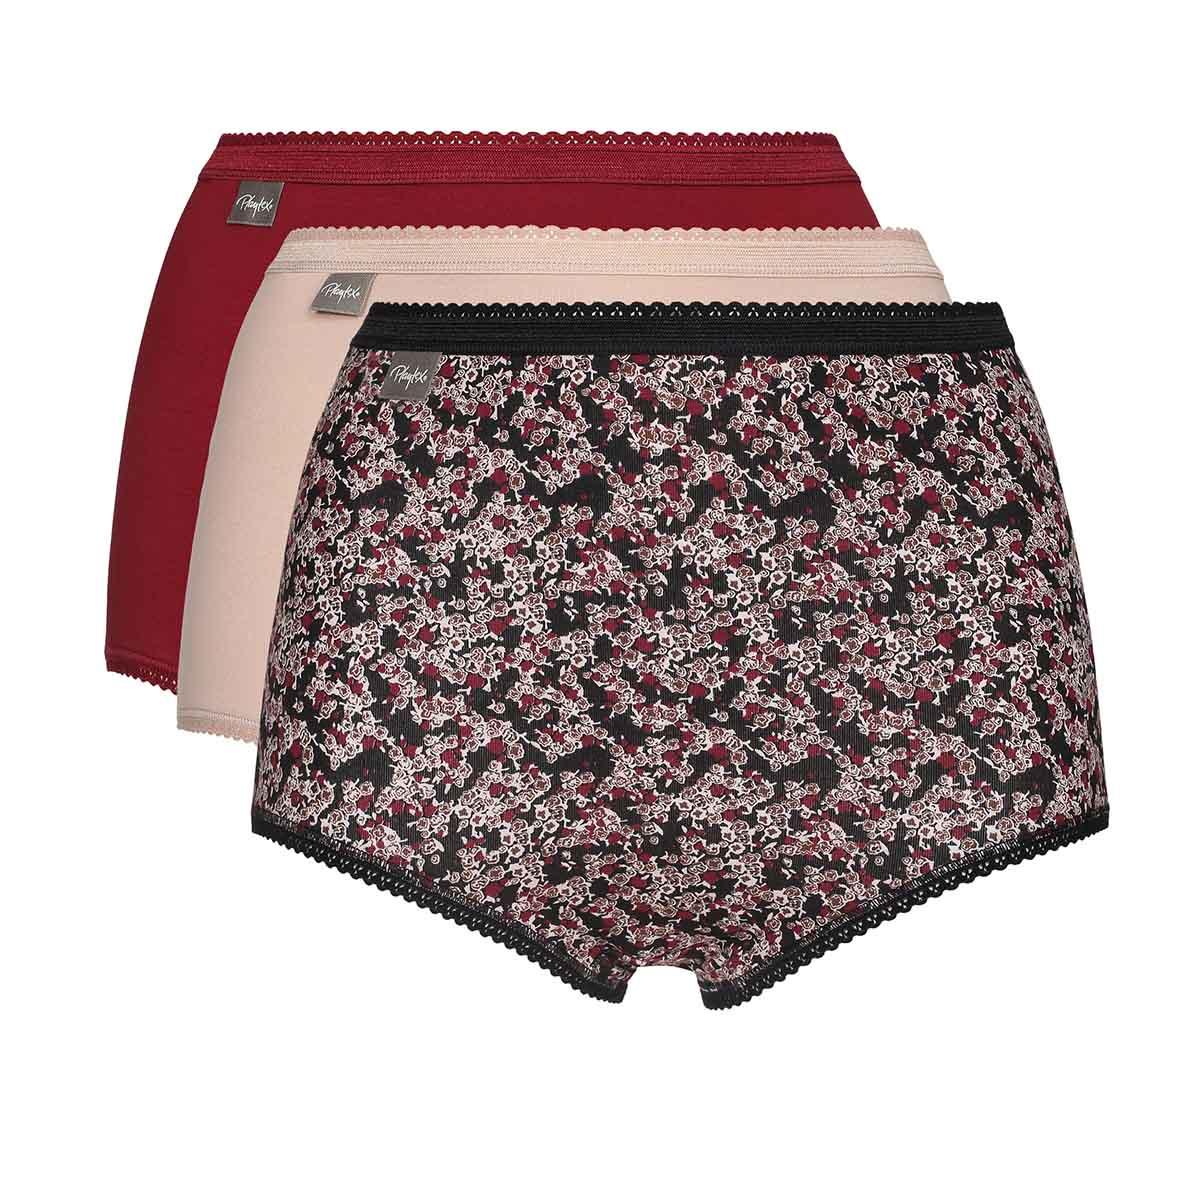 Lote de 3 bragas maxi rojo, beige y estampado floral Cotton Stretch, , PLAYTEX